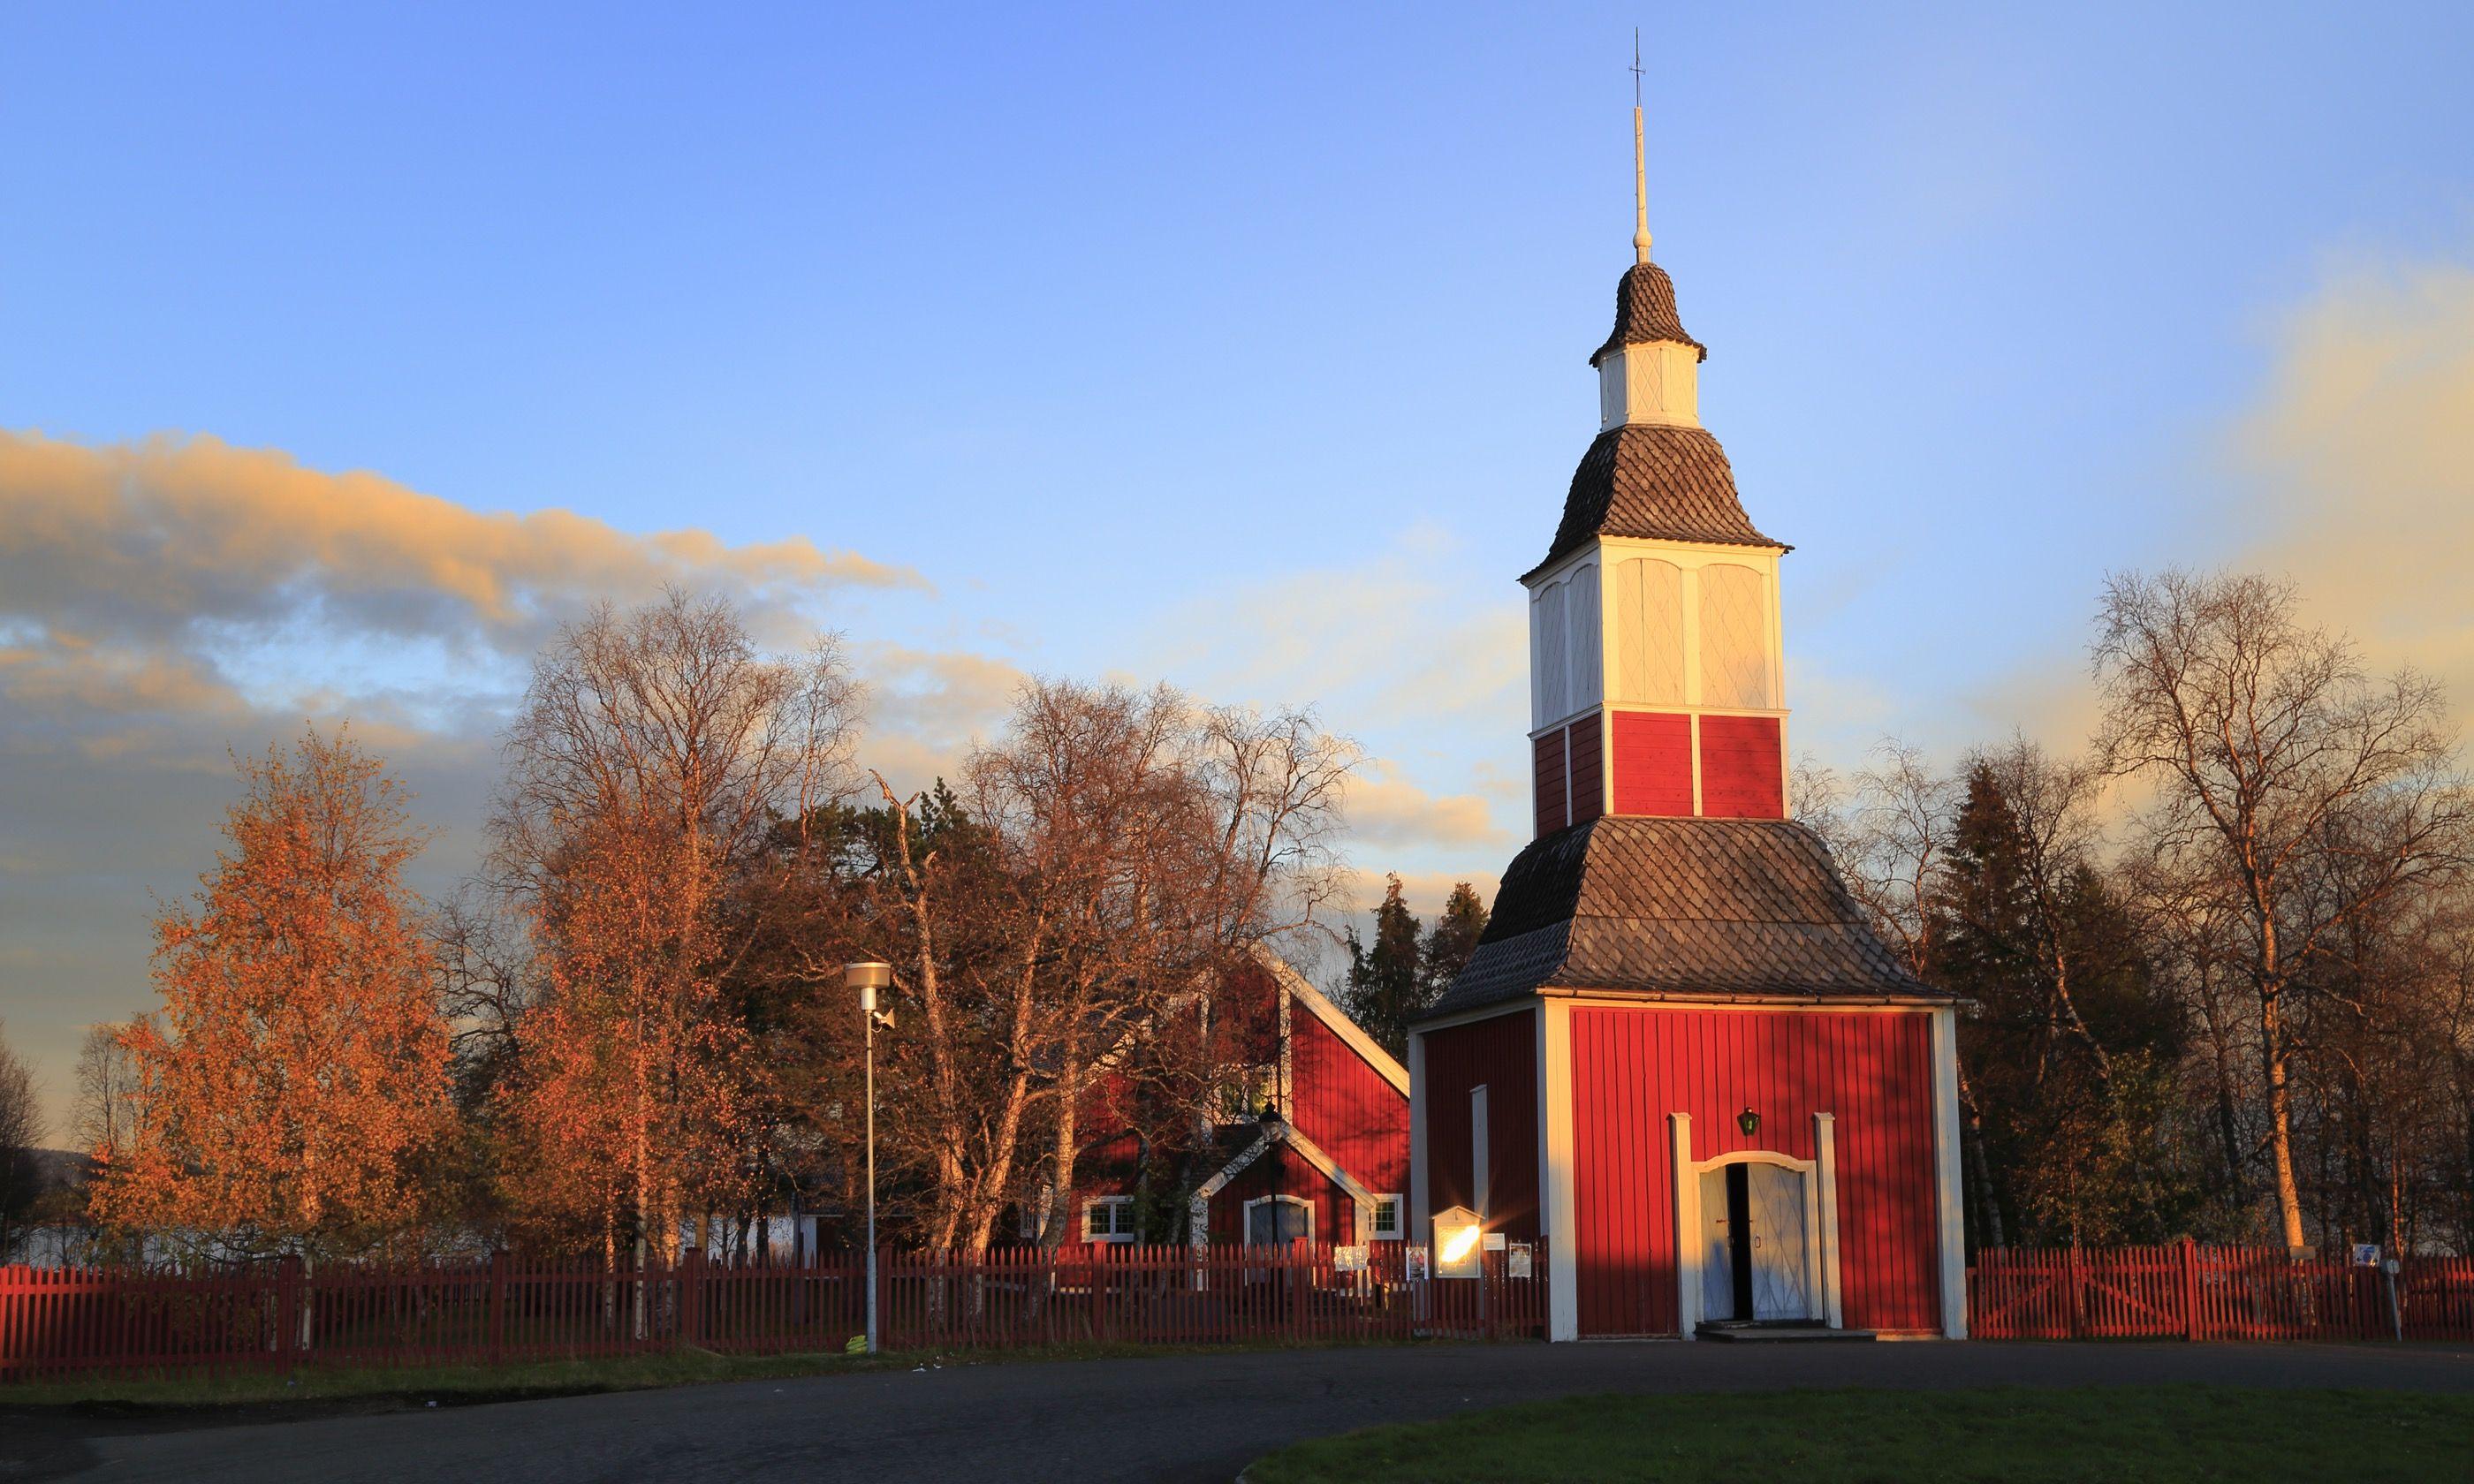 Jukkasjärvi Kyrk (Dreamstime)